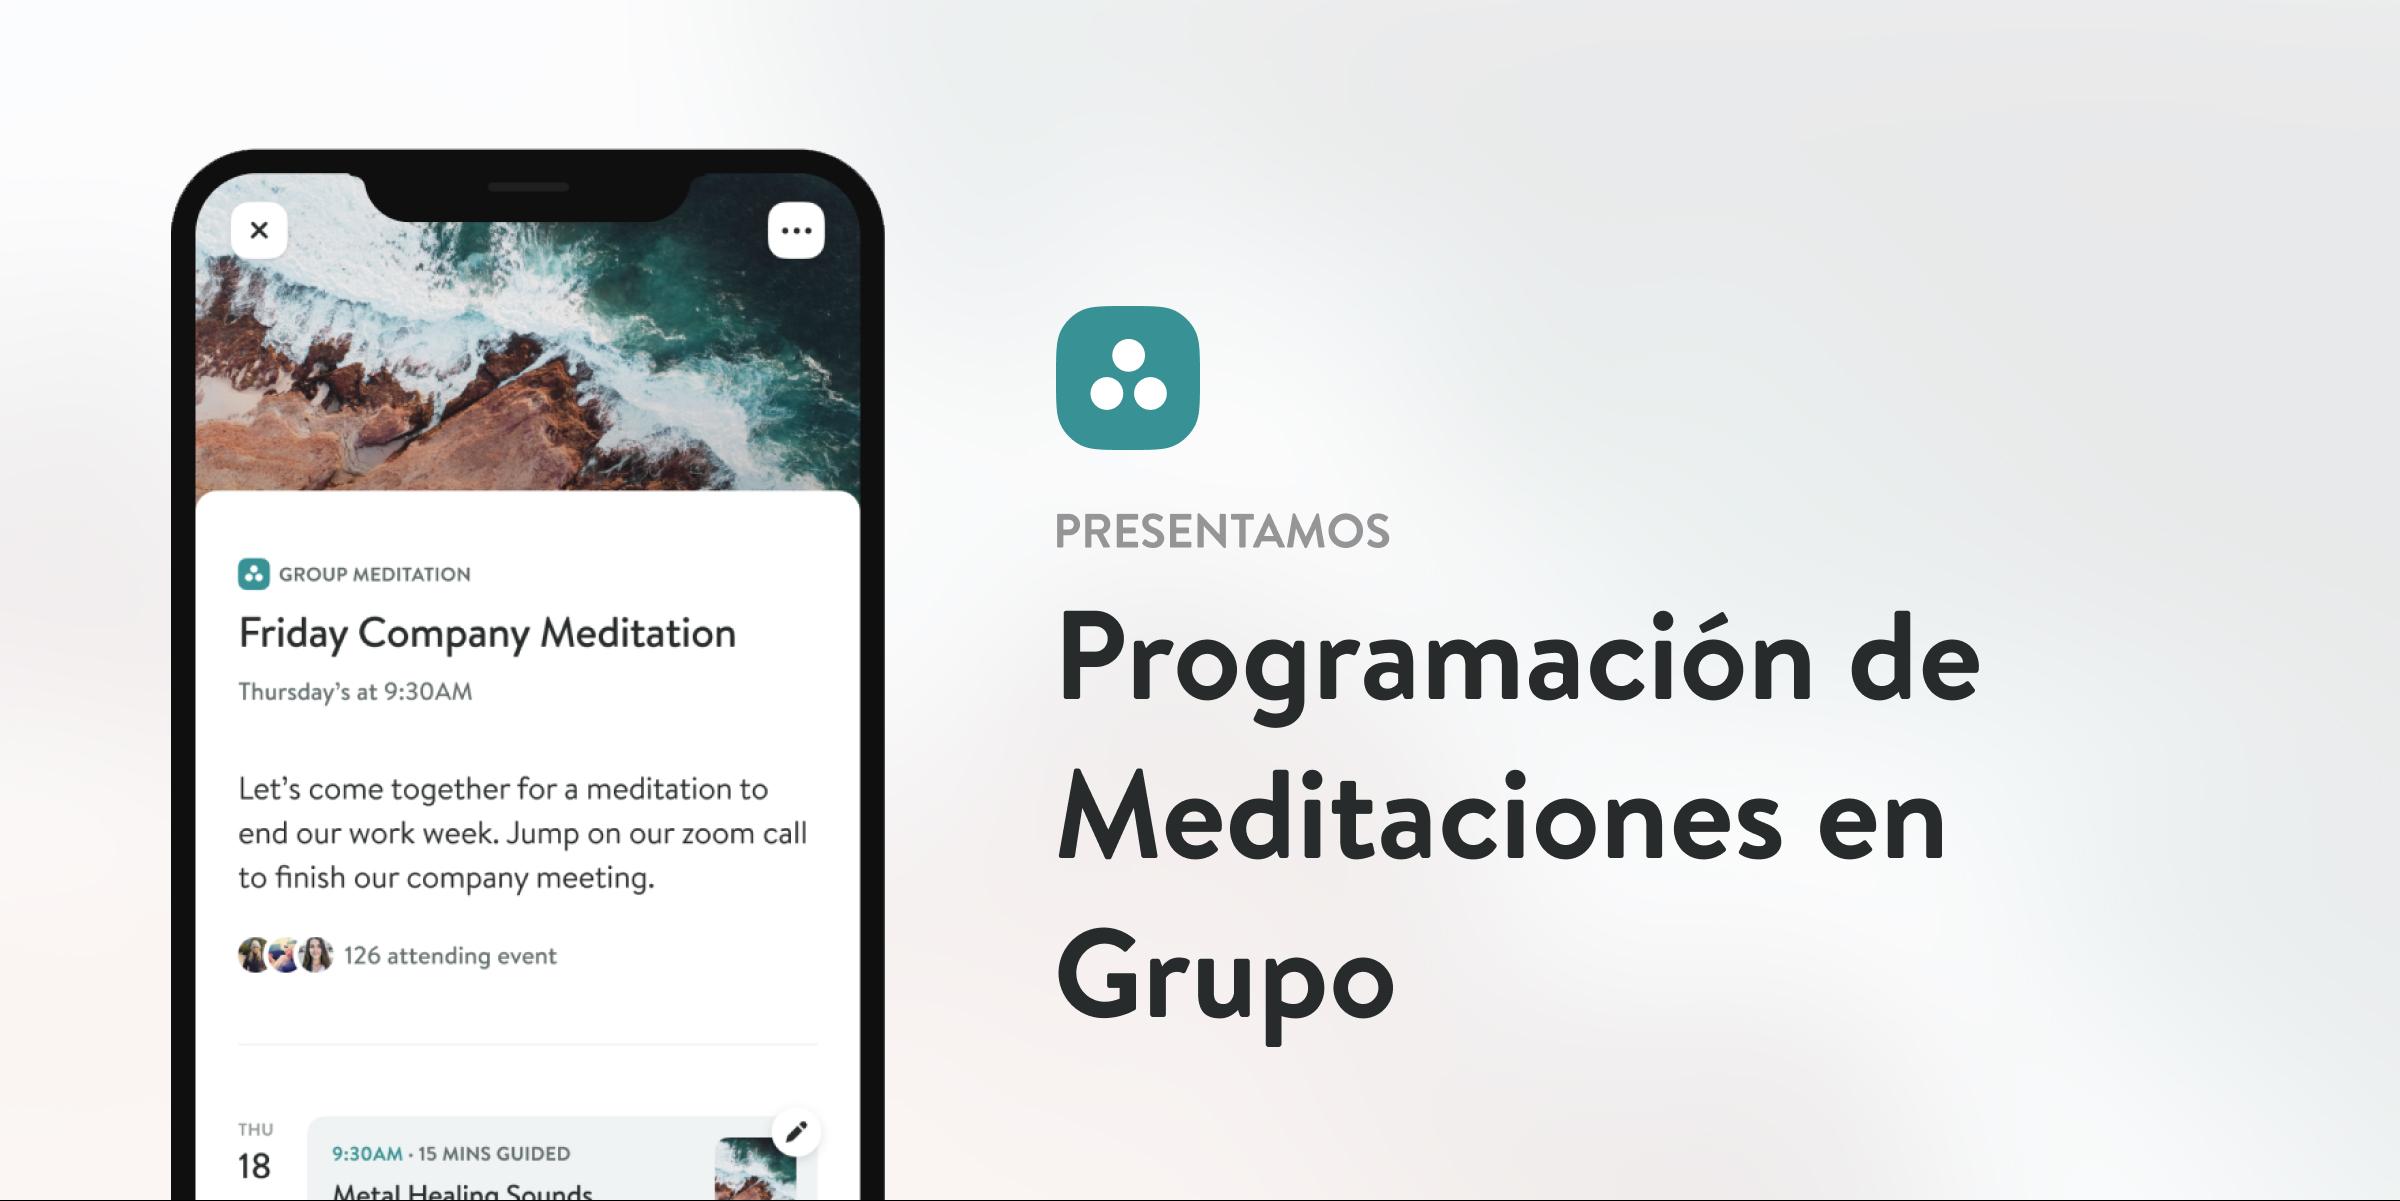 Programación de Meditaciones en Grupo